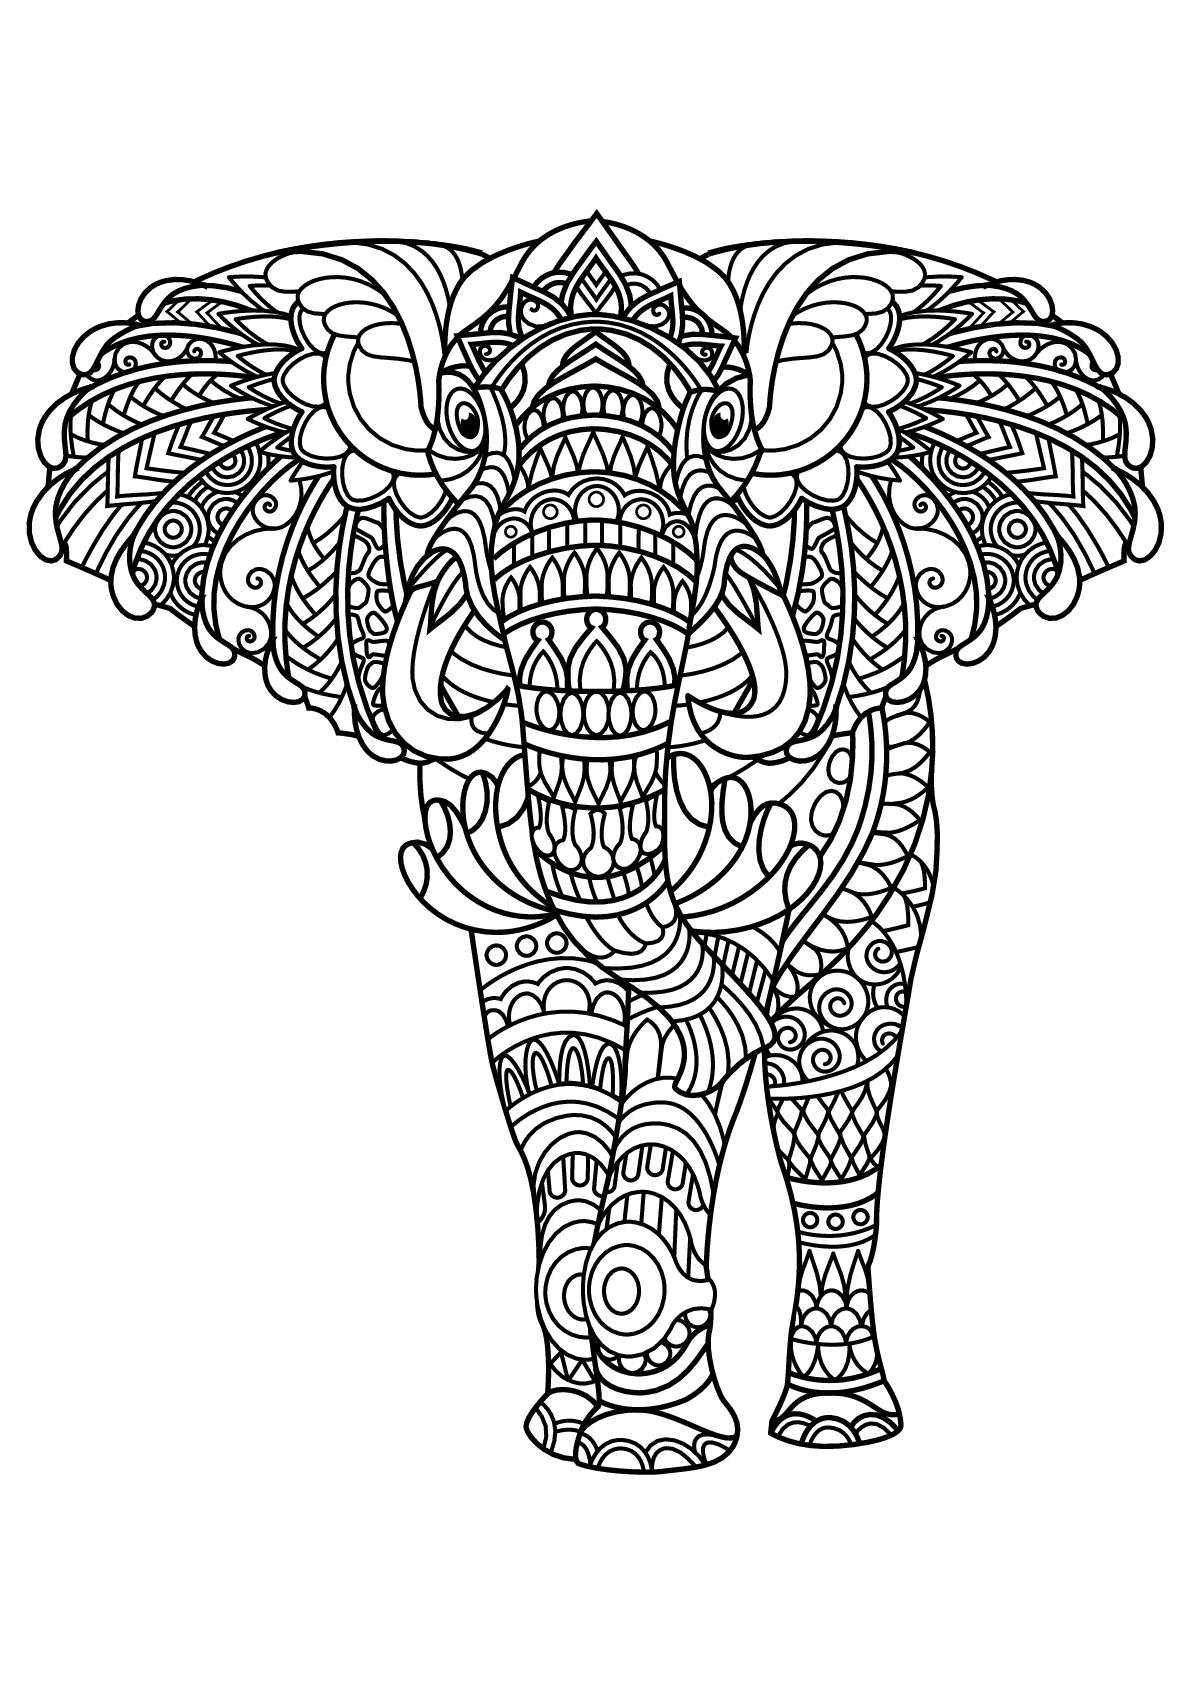 Elefanten 7 - Elefanten - Malbuch Fur Erwachsene